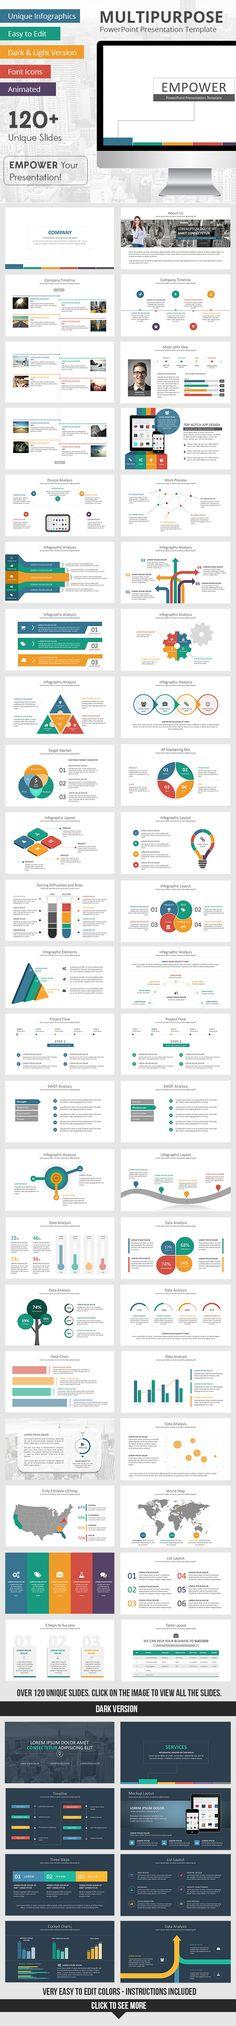 montuca powerpoint presentation templateeduardo mejia, via, Montuca Powerpoint Presentation Template Download, Presentation templates